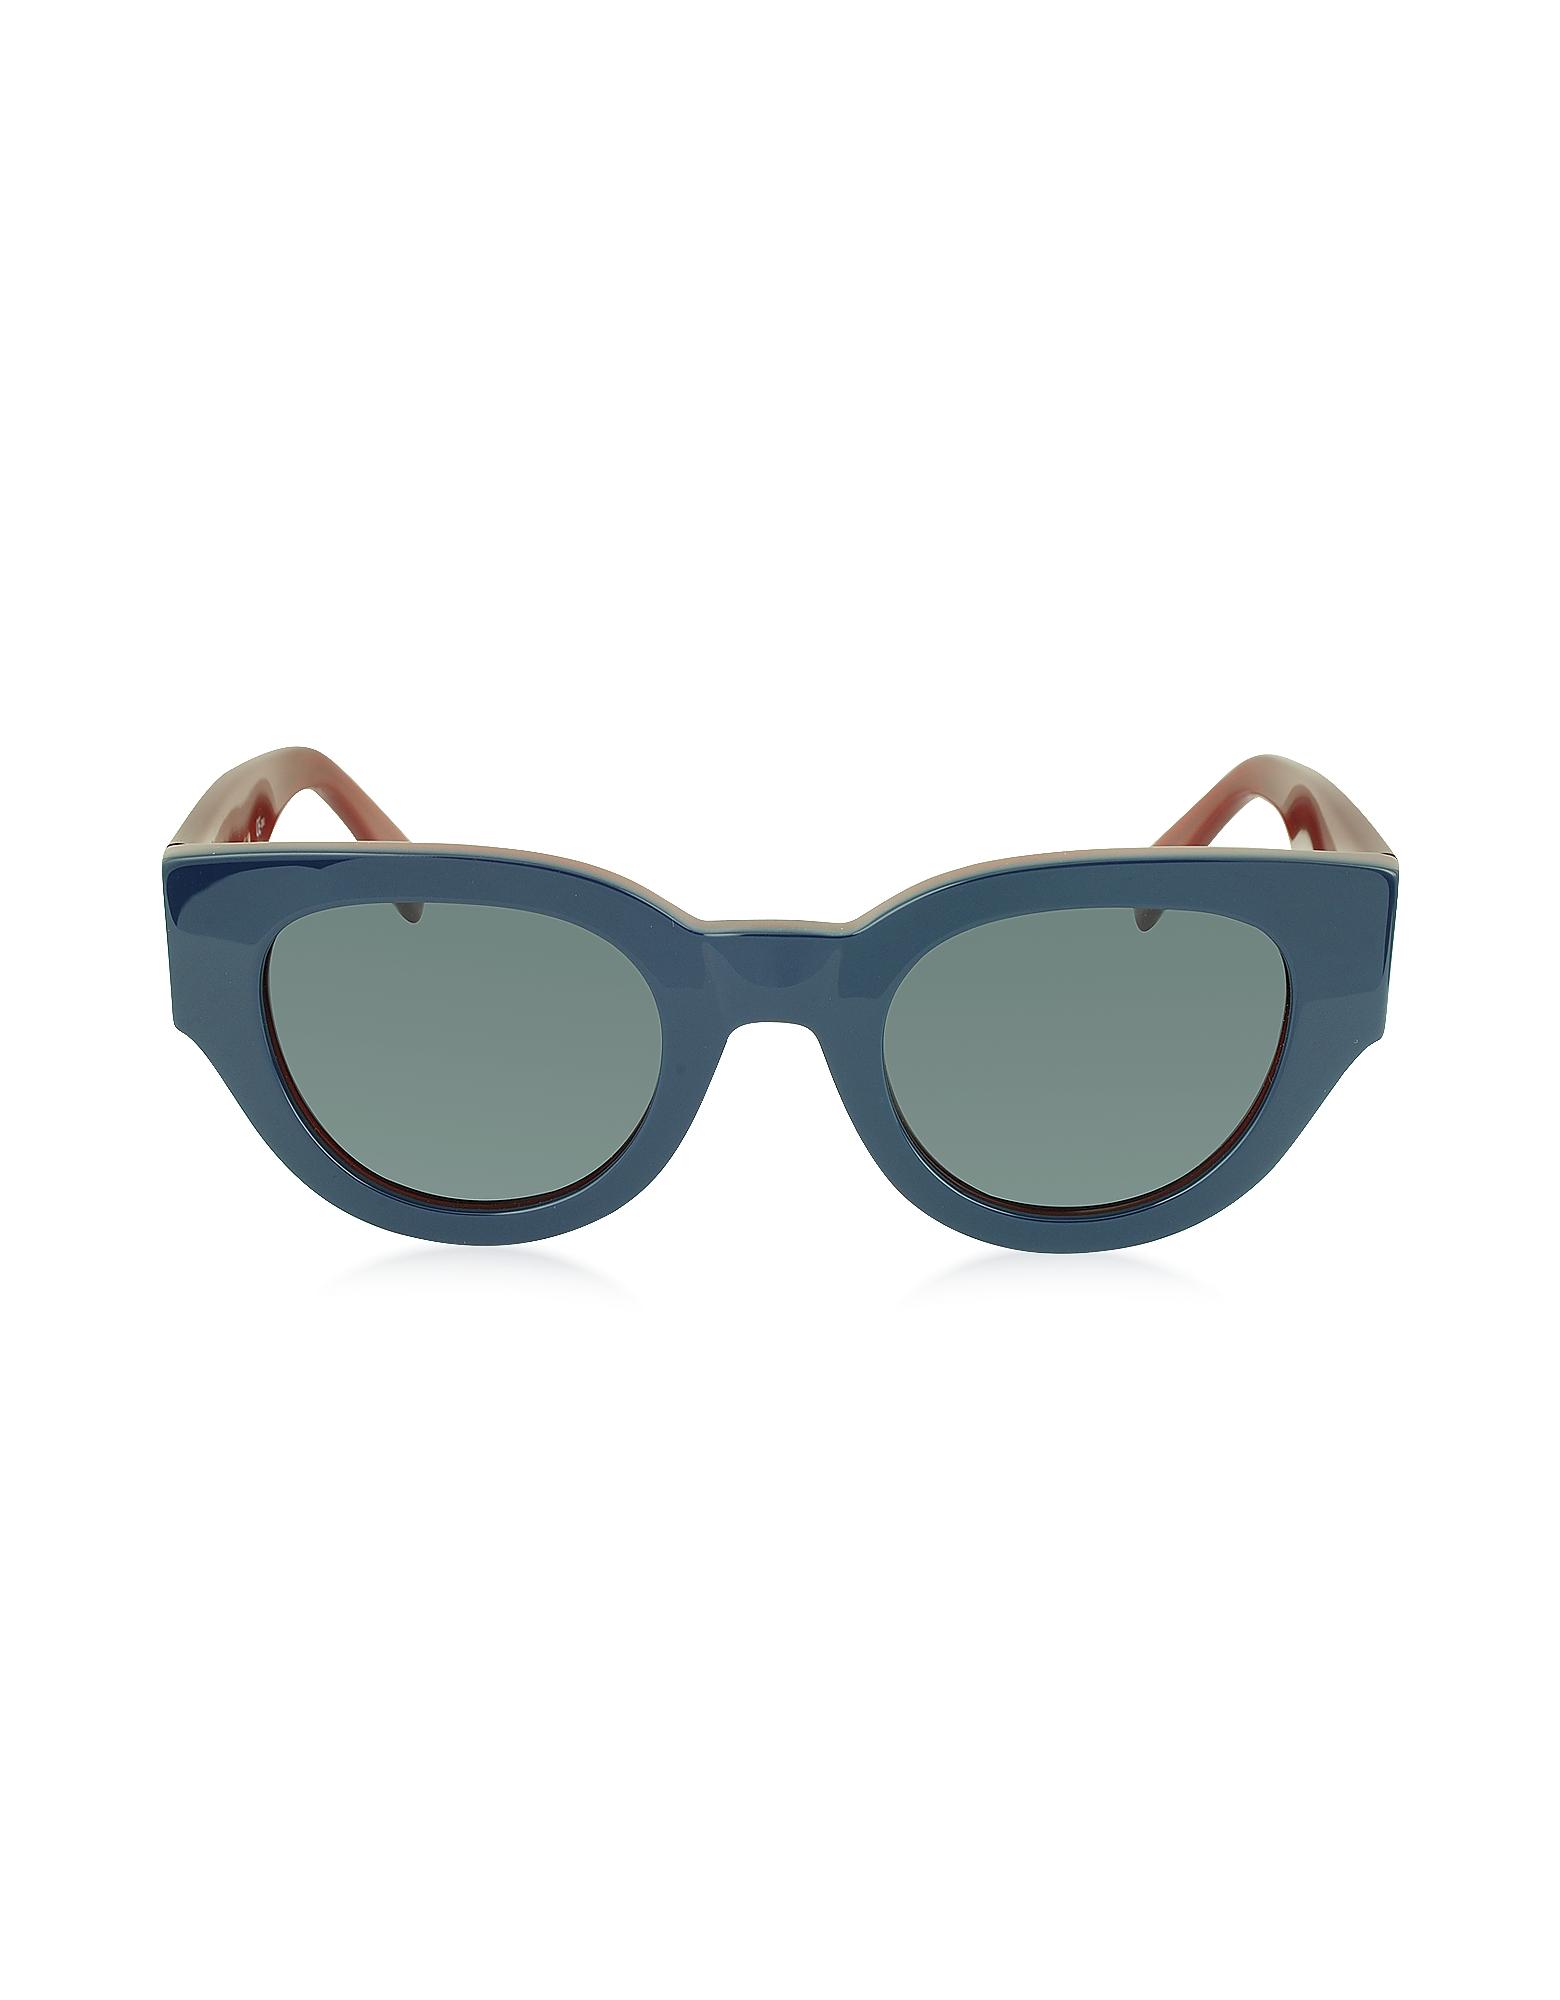 CL 41064/S - Синие и Красные Женские Солнечные Очки в Оправе из Ацетата